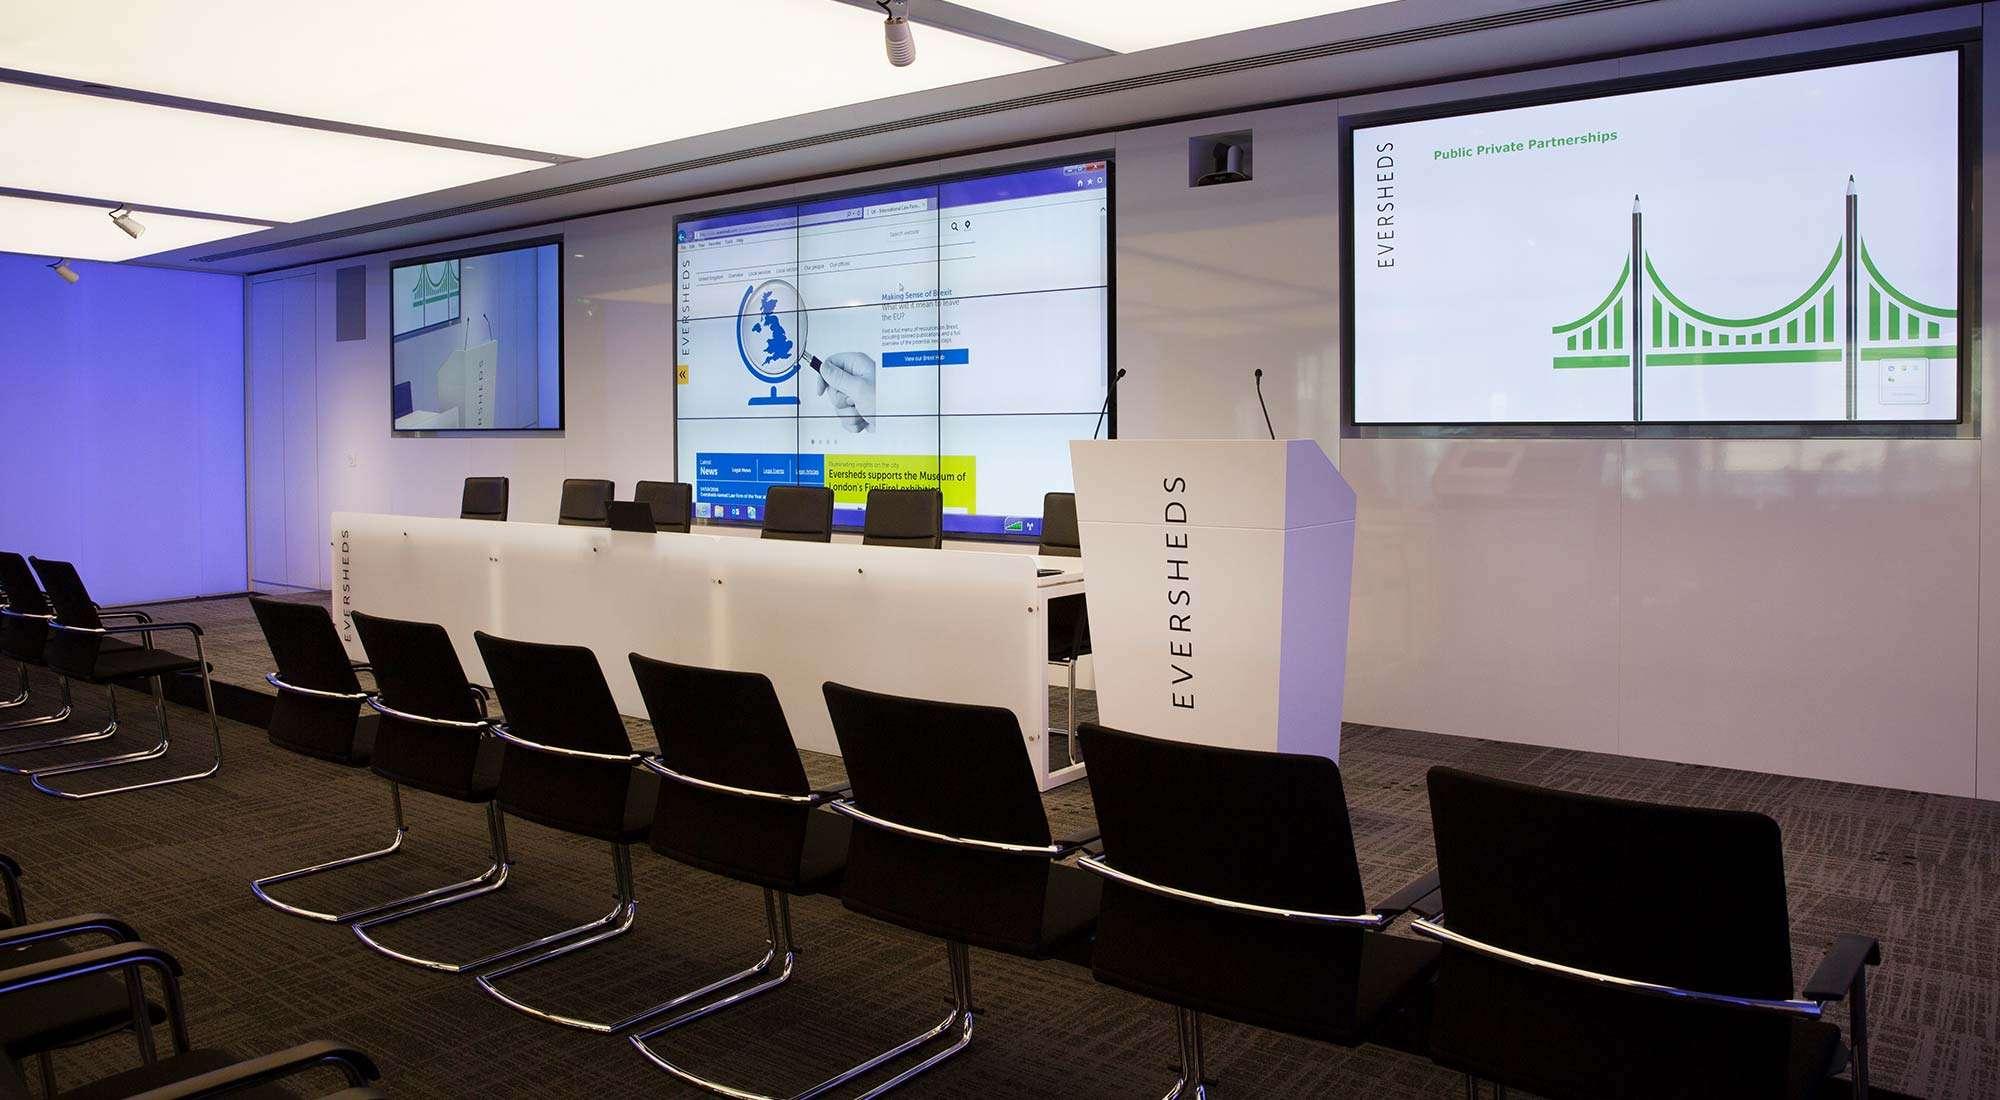 london hq auditorium feature lighting raft